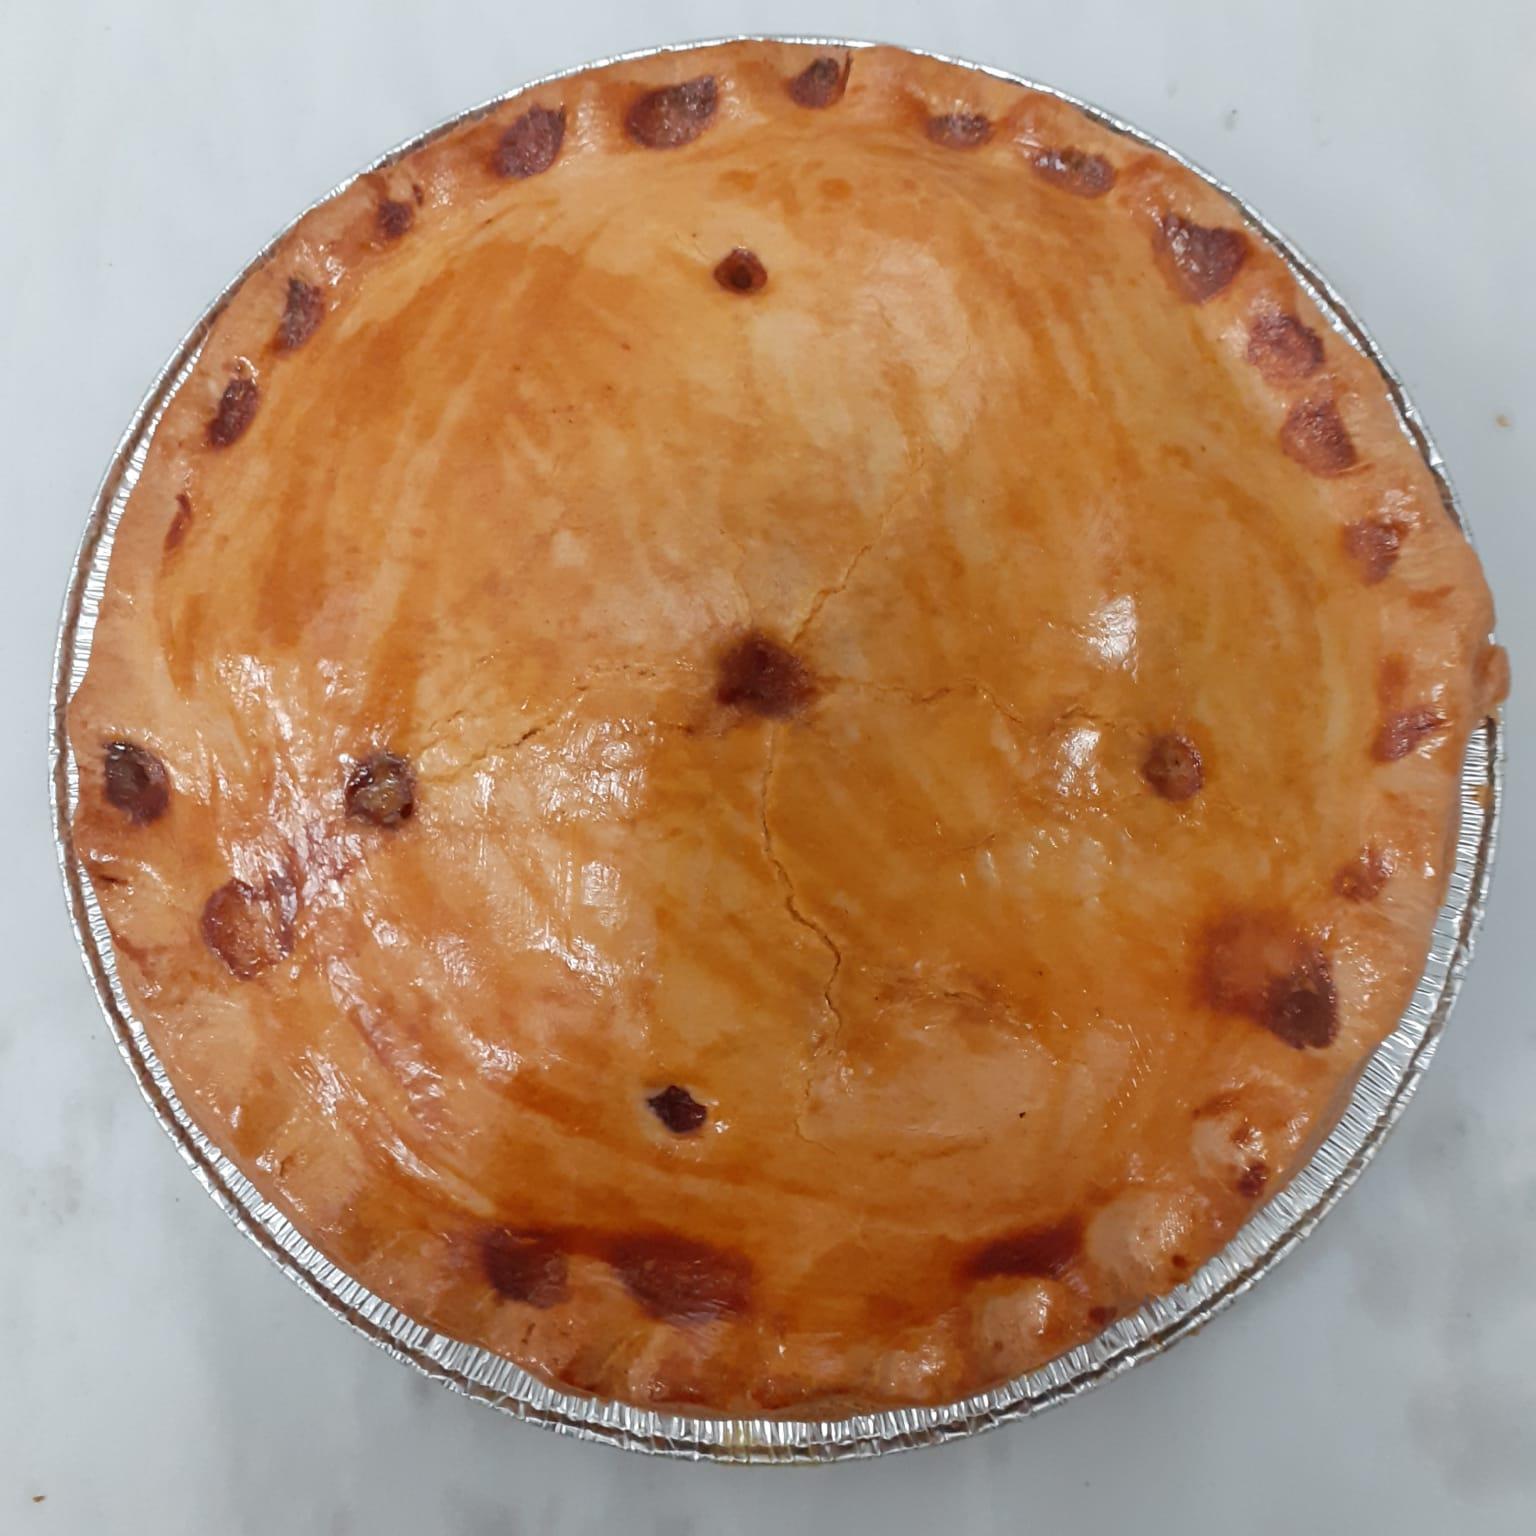 Kevin's Pies - Aberdeen Angus Steak & Potato Pie ...